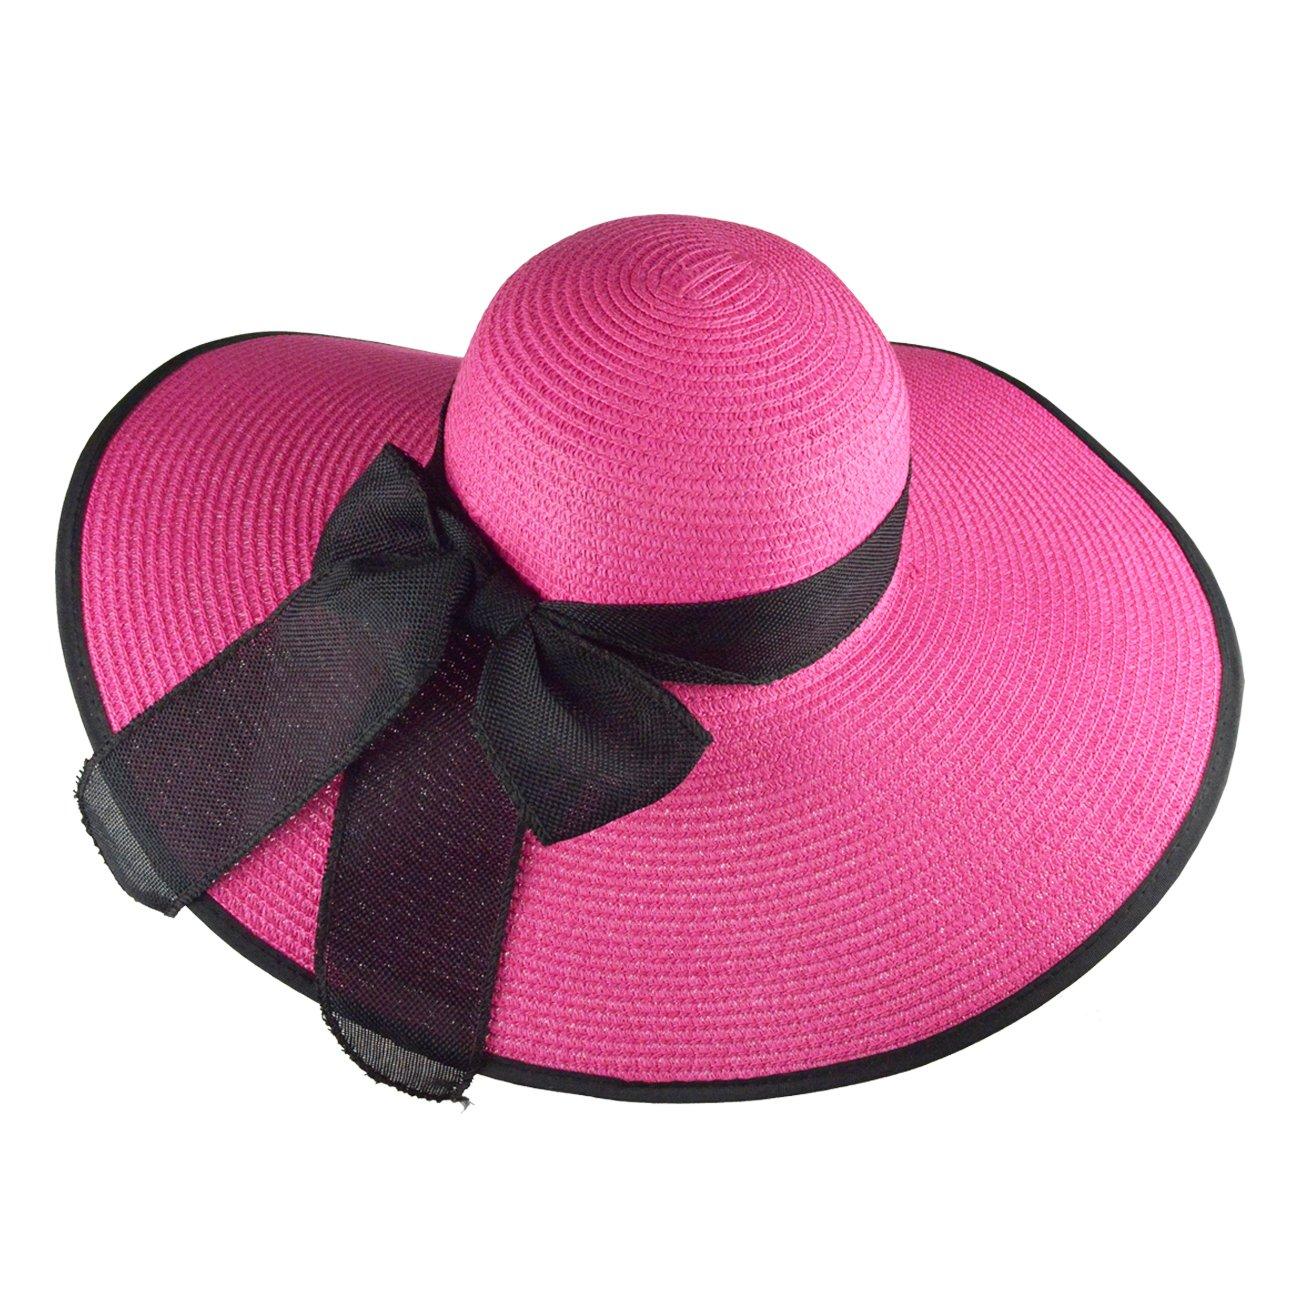 417a3cd690687 DRESHOW Beach Sun Hat for Women Wide Brim Floppy Straw Sun Hats Roll up  Packable UPF